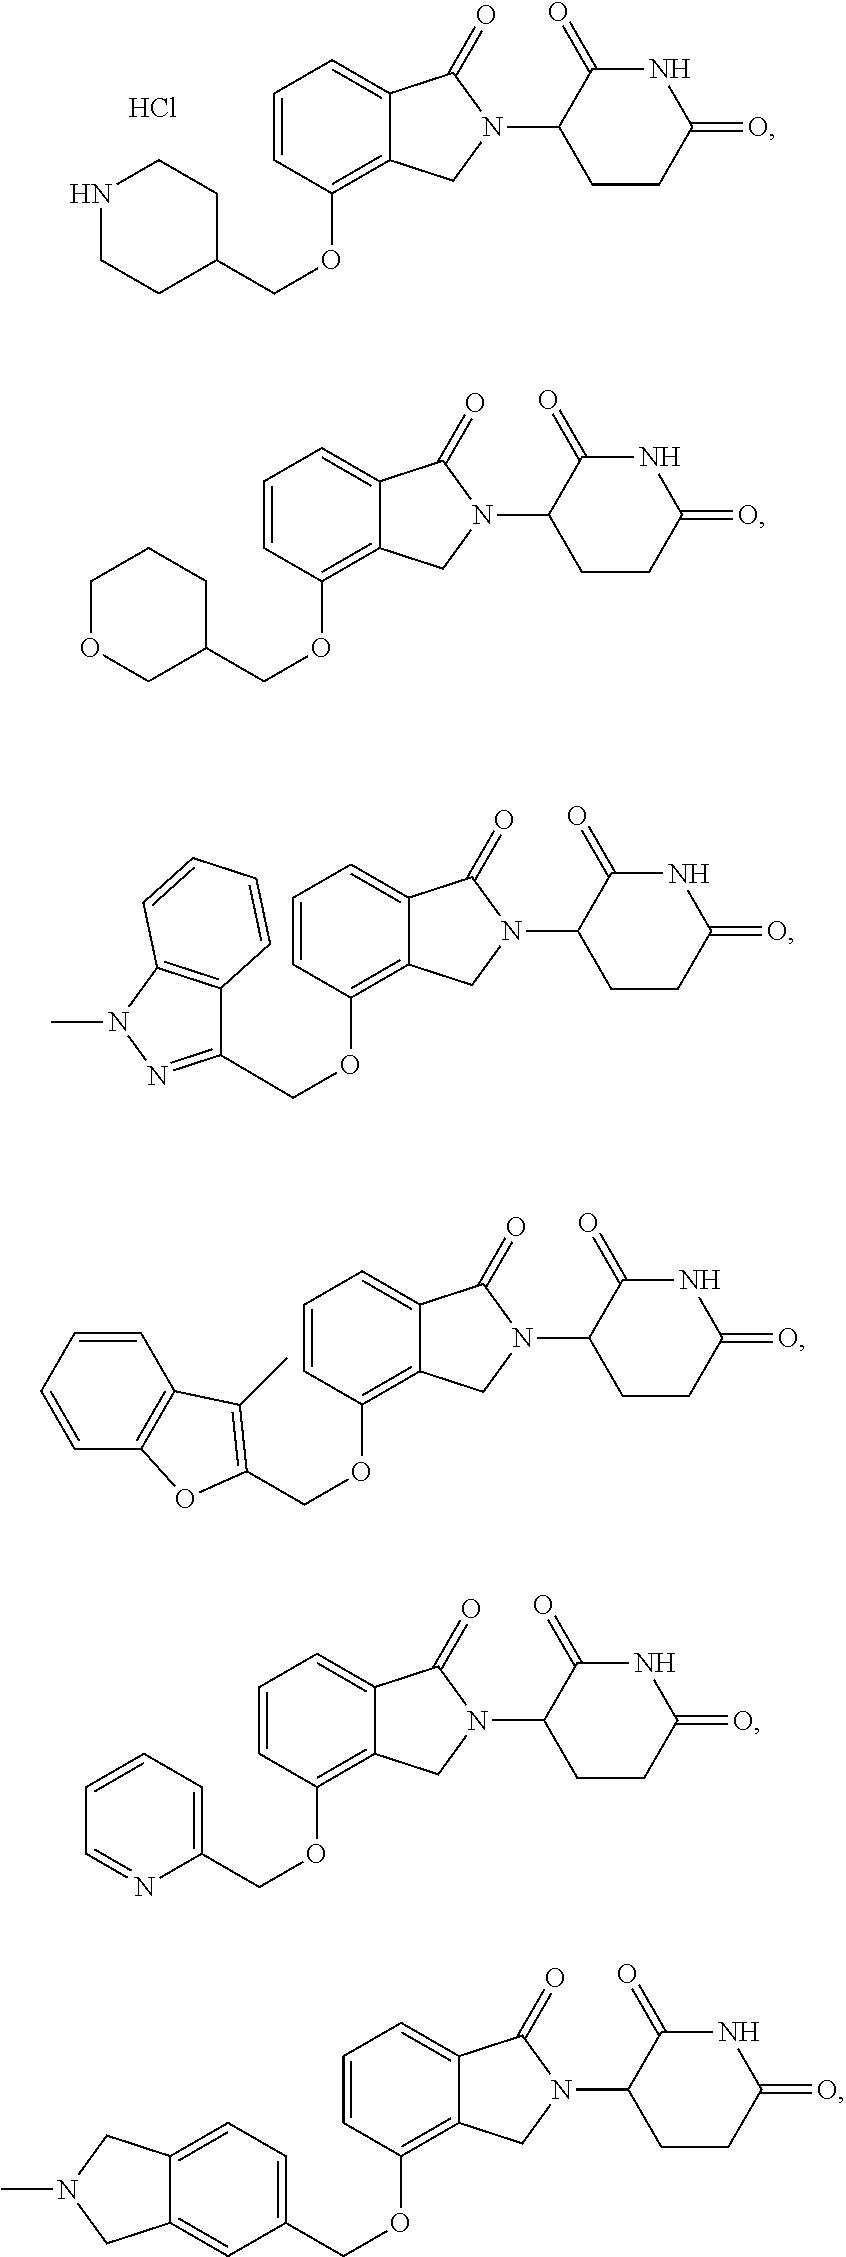 Figure US09587281-20170307-C00048